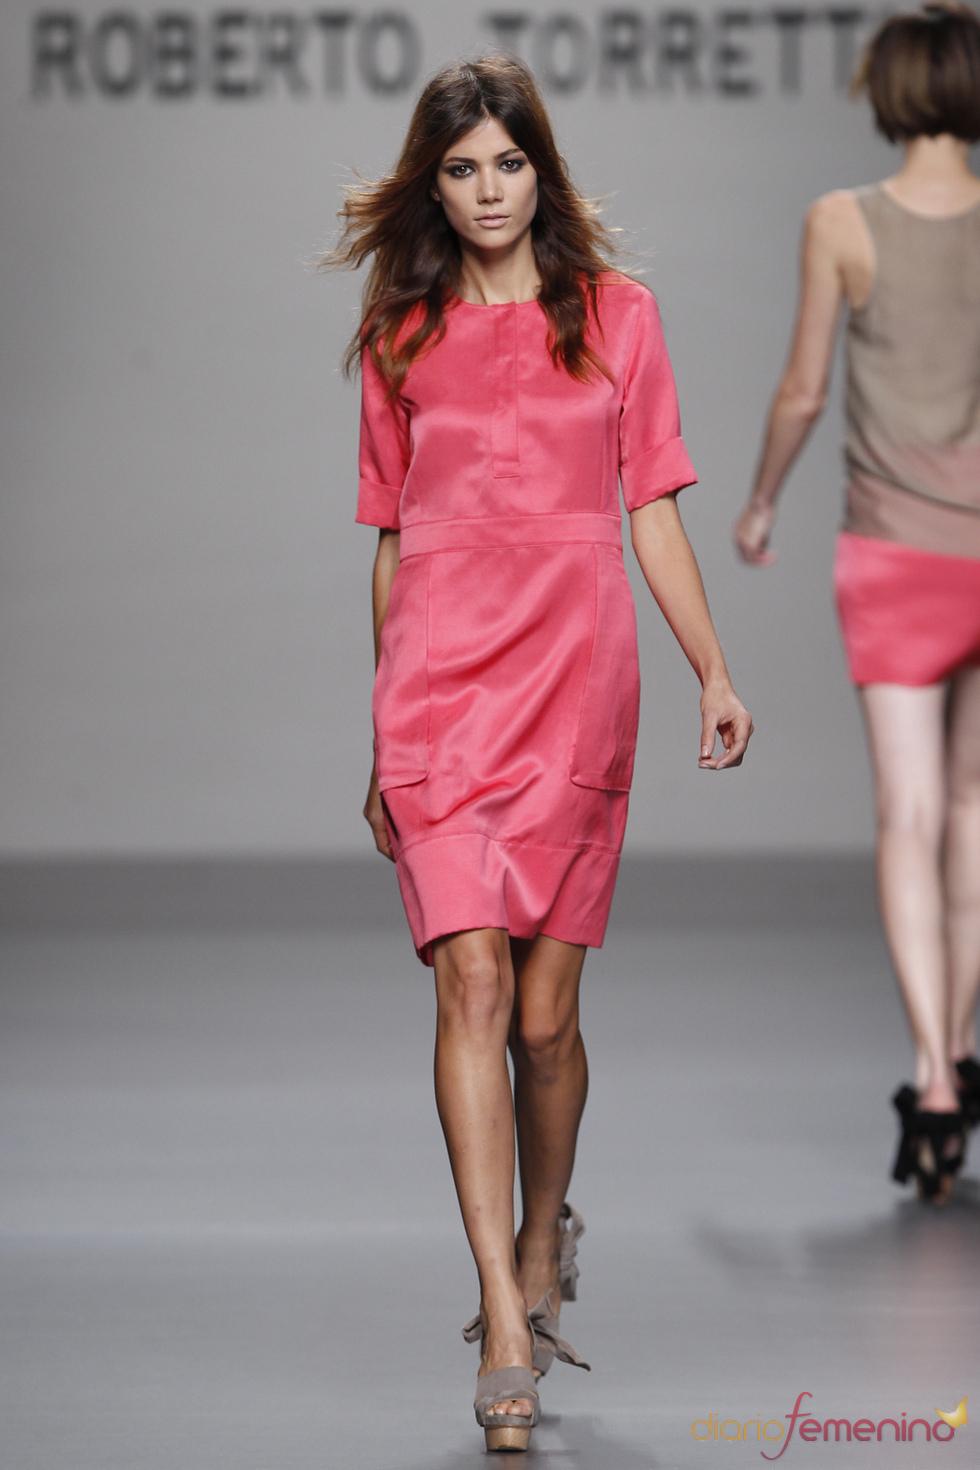 Roberto Torretta viste a la mujer con colores vivos en primavera 2011